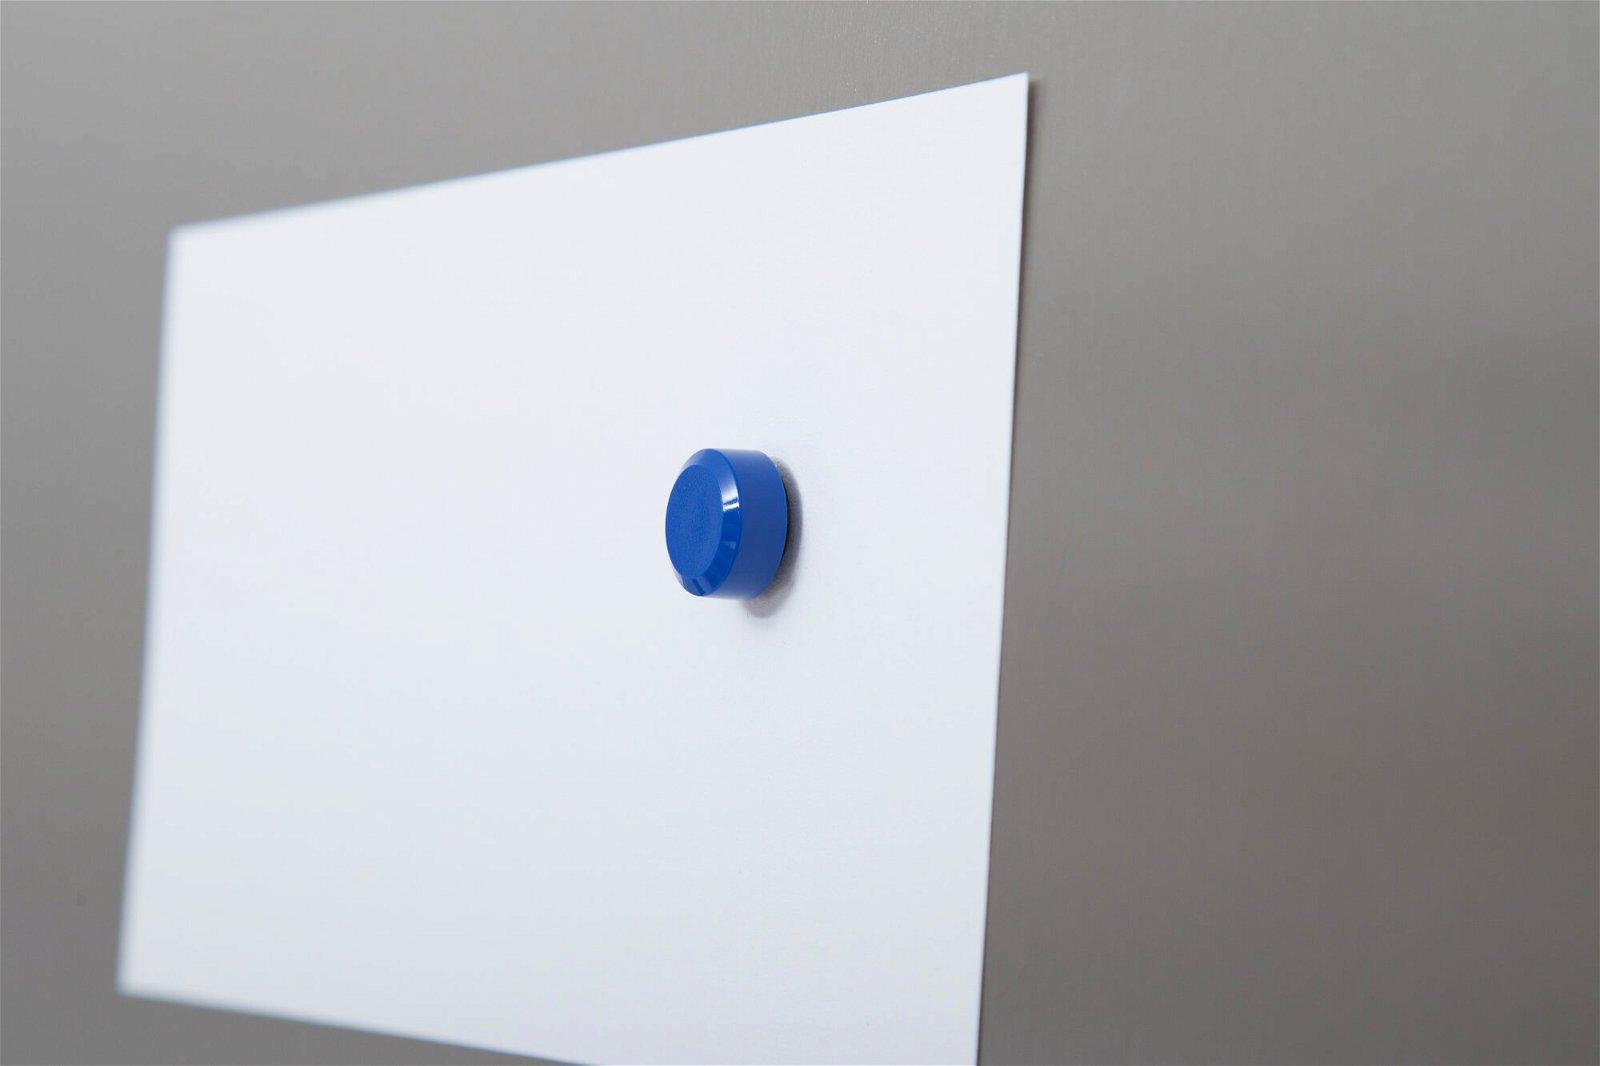 Facetterand-Magnet MAULpro Ø 15 mm, 0,17 kg, 20 St./Set, blau